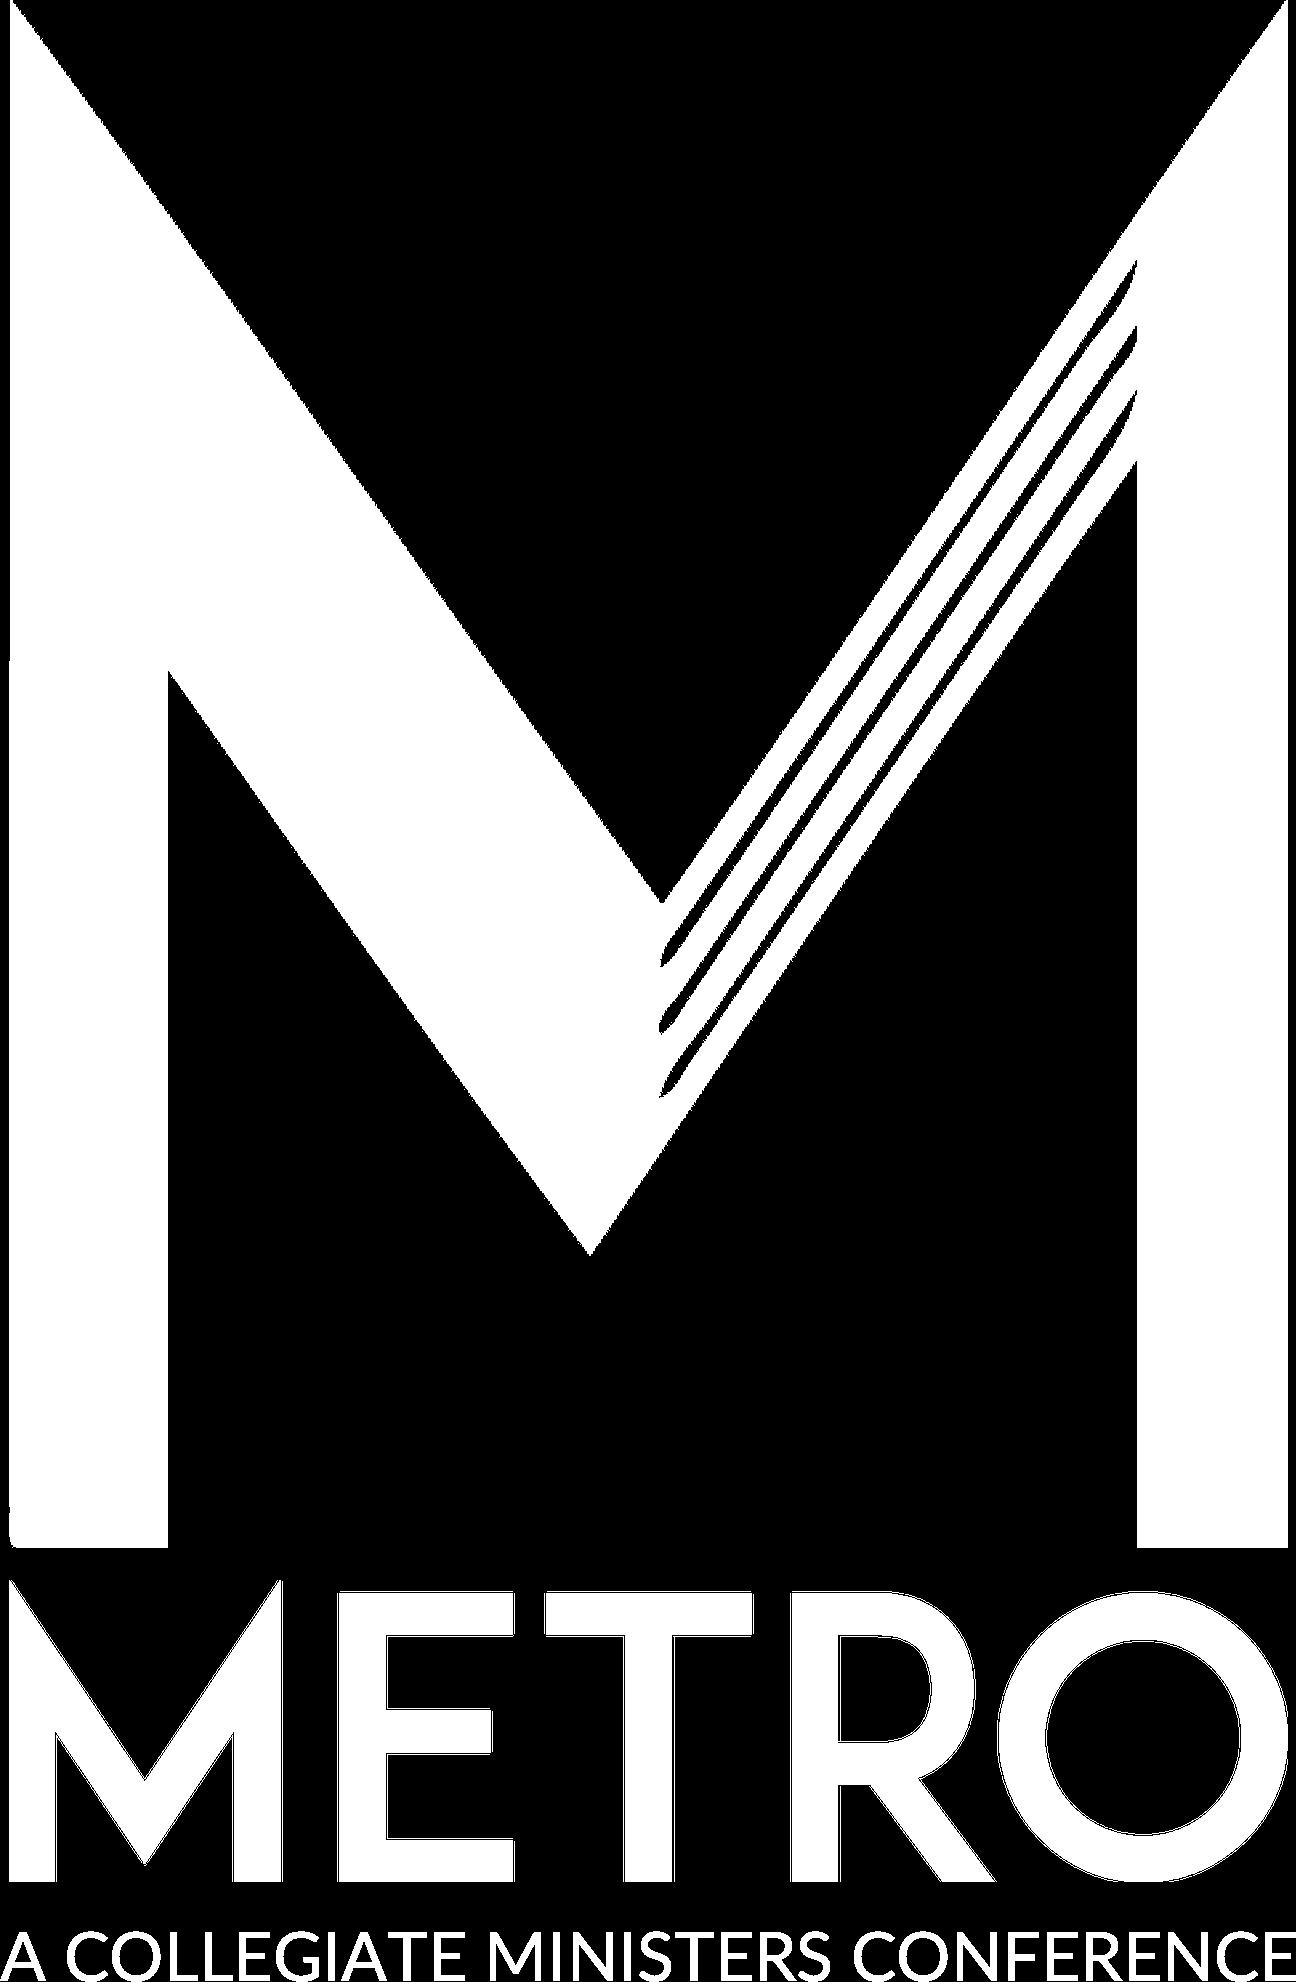 College Metro 2019